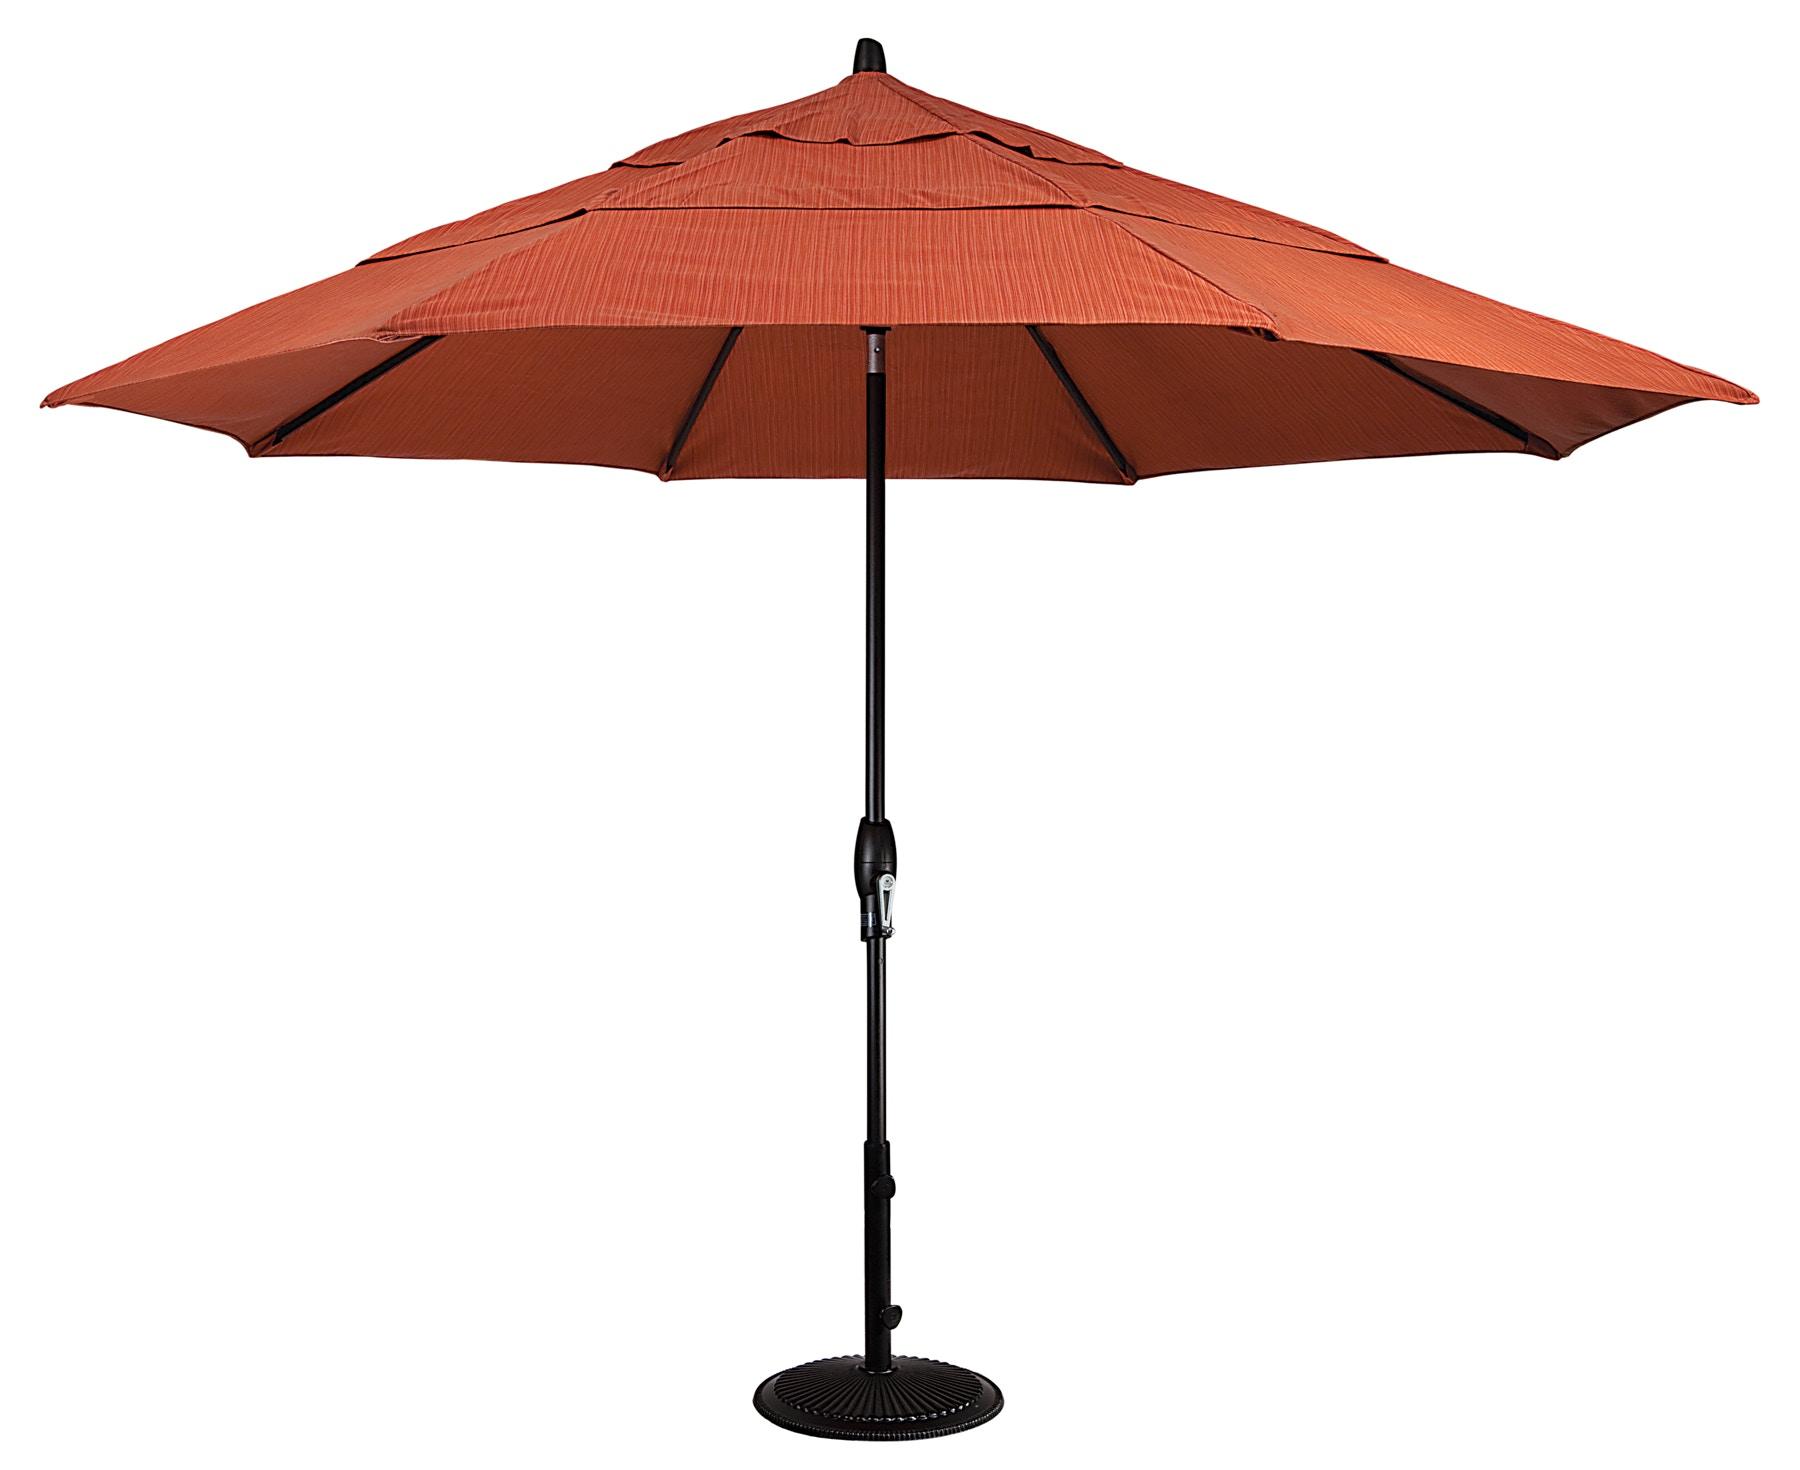 treasure garden outdoor patio 9 foot auto tilt umbrella double wind vent